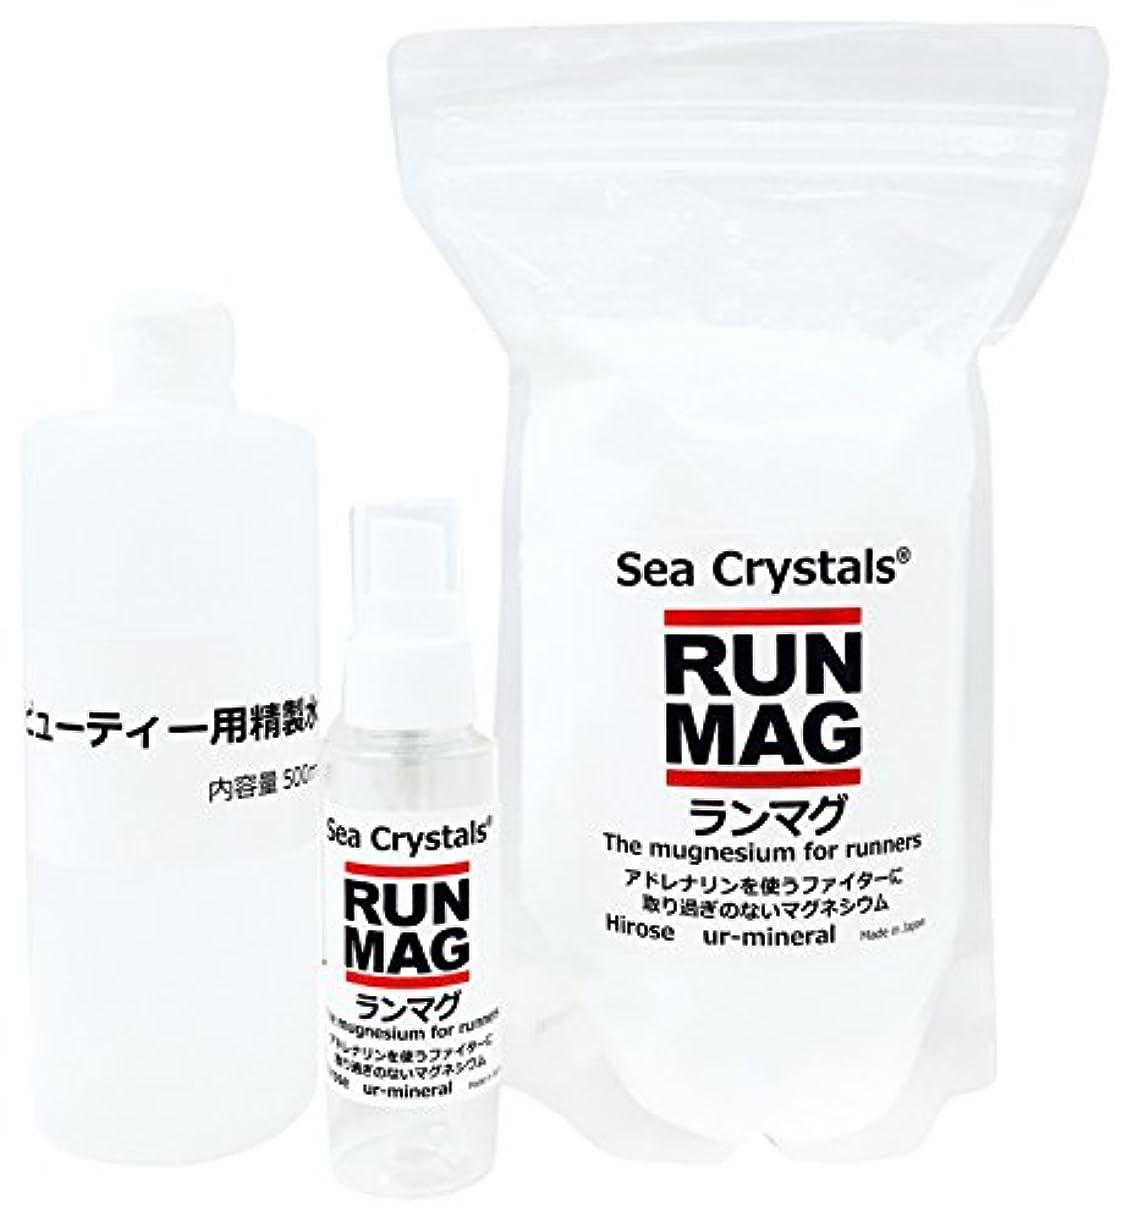 クレーター受け入れる冬ランマグ?マグネシウムオイル 500g 化粧品登録 日本製 1日マグネシウム360mg使用  精製水付き